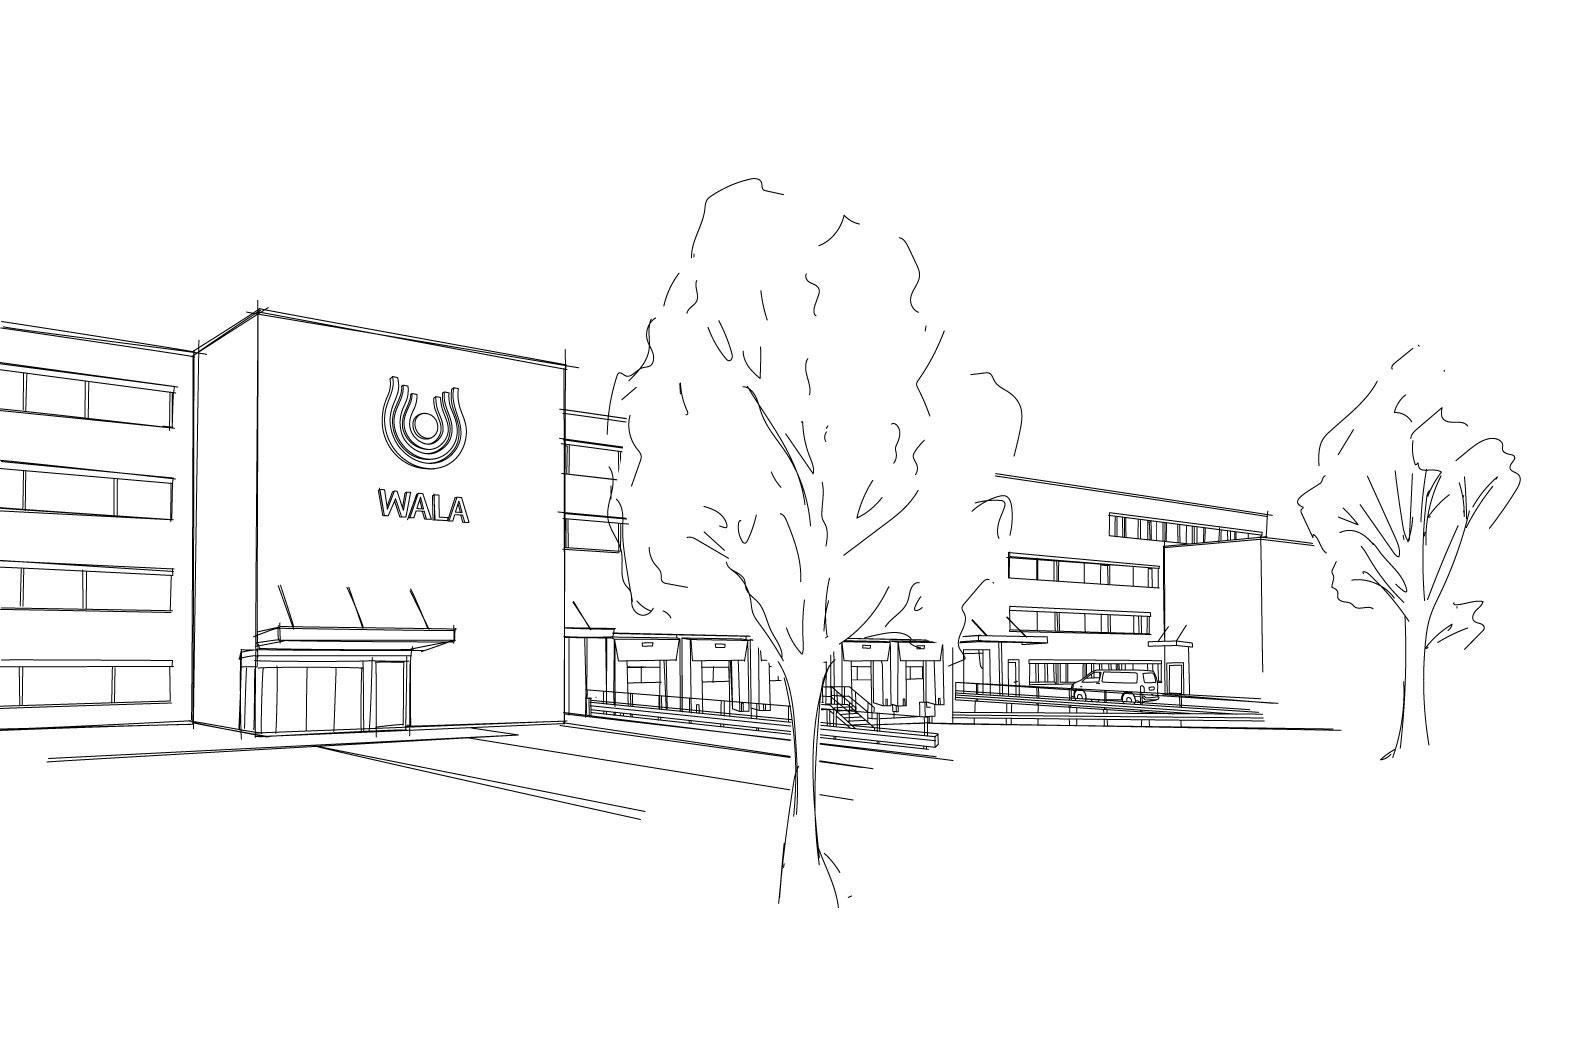 WALA Heilmittel - Projekt der Internetagentur NO TINS Gmbh